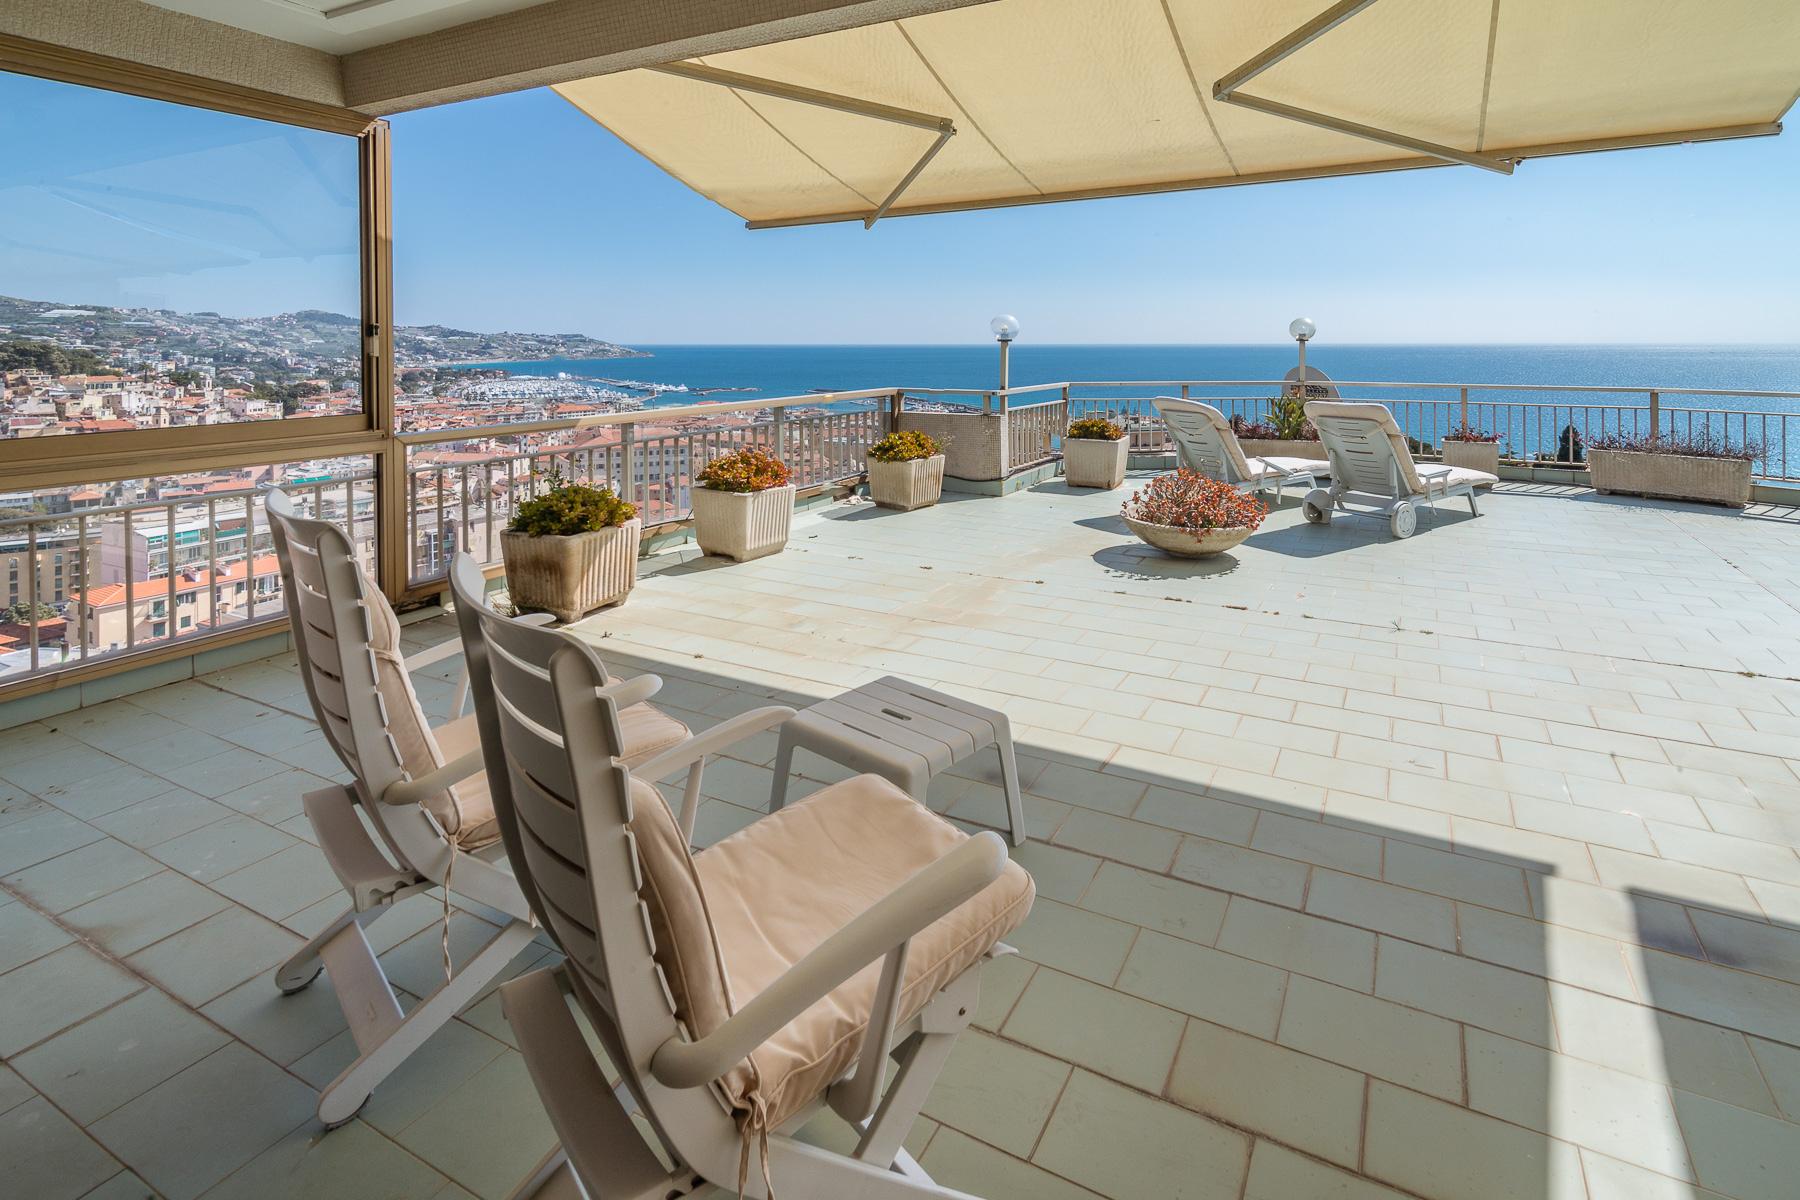 Appartamento in Vendita a Sanremo: 4 locali, 120 mq - Foto 7